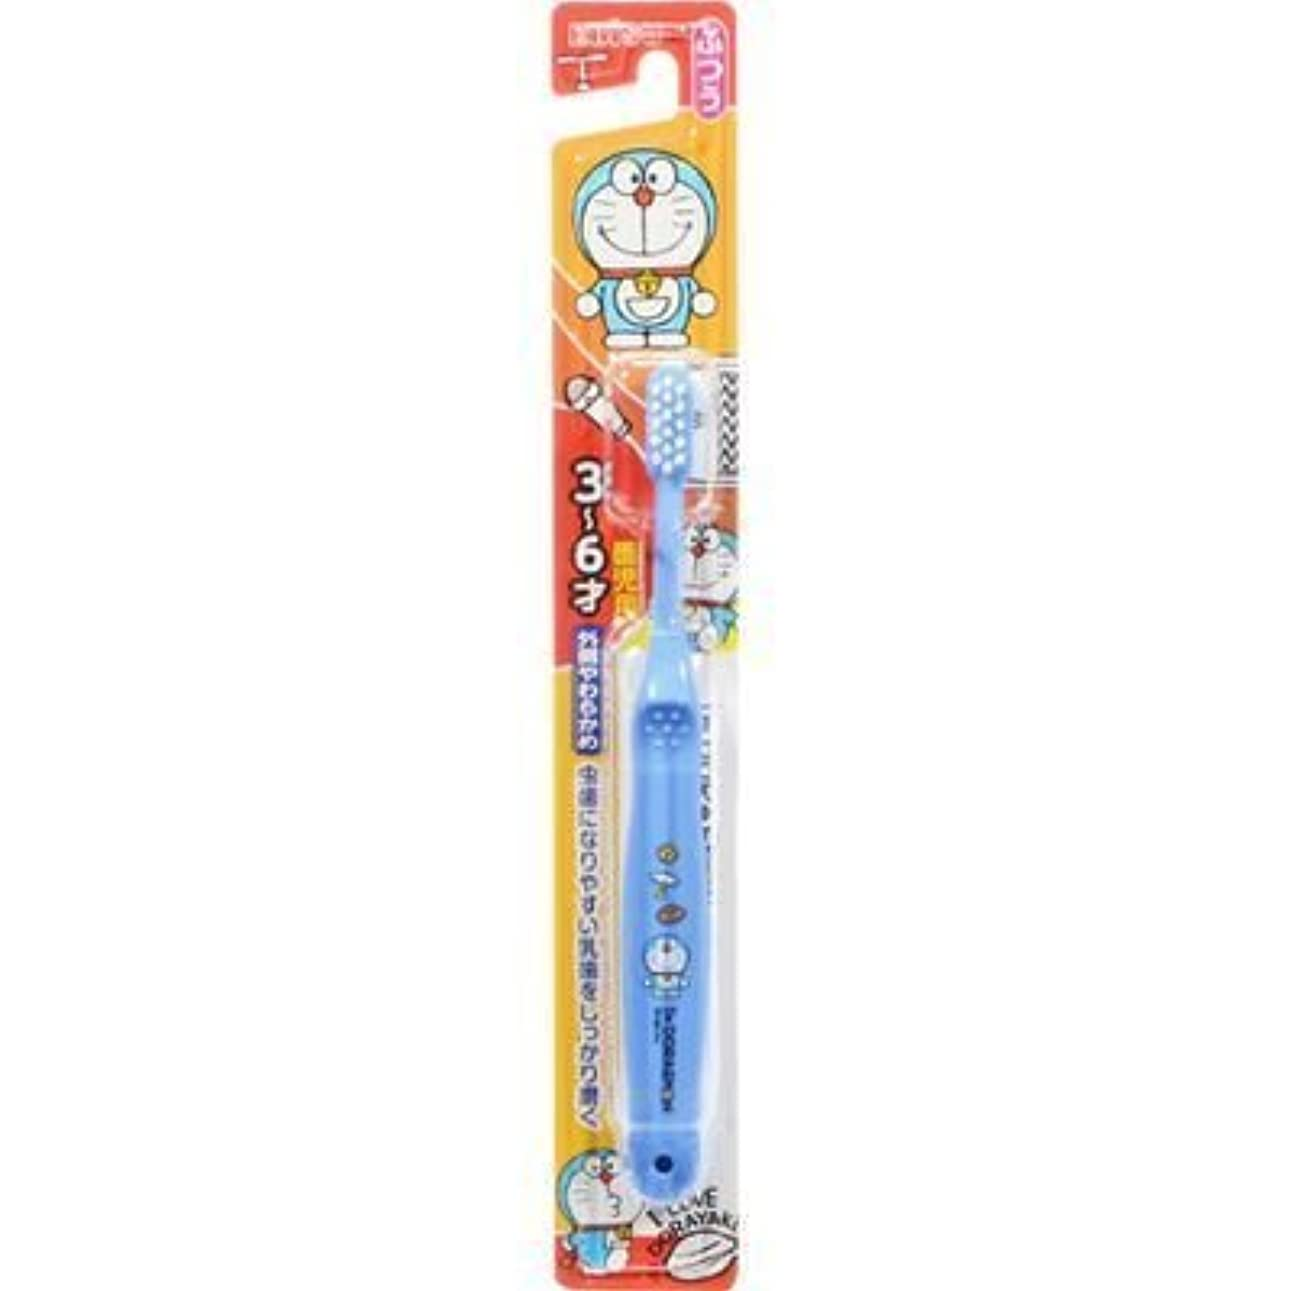 事実上基準家エビス エビス アイムドラえもん歯ブラシ 3-6才 ふつう 色おまかせ E493408H